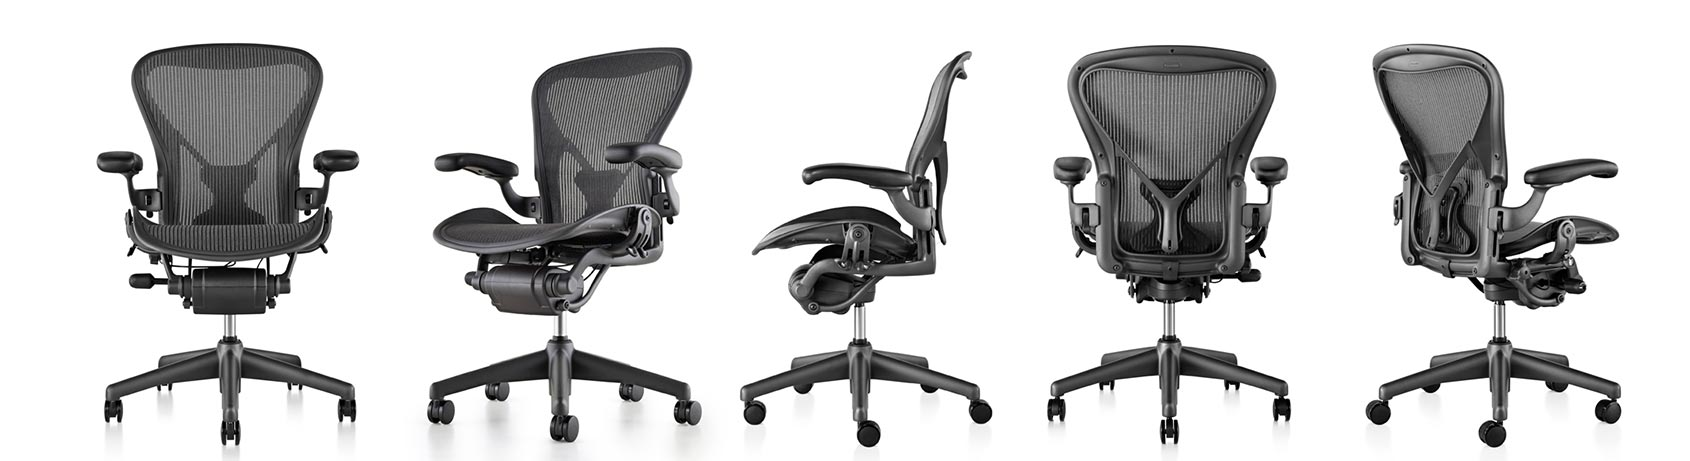 Cadeira Aeron: design e ergonomia baseados na ciência do sentar